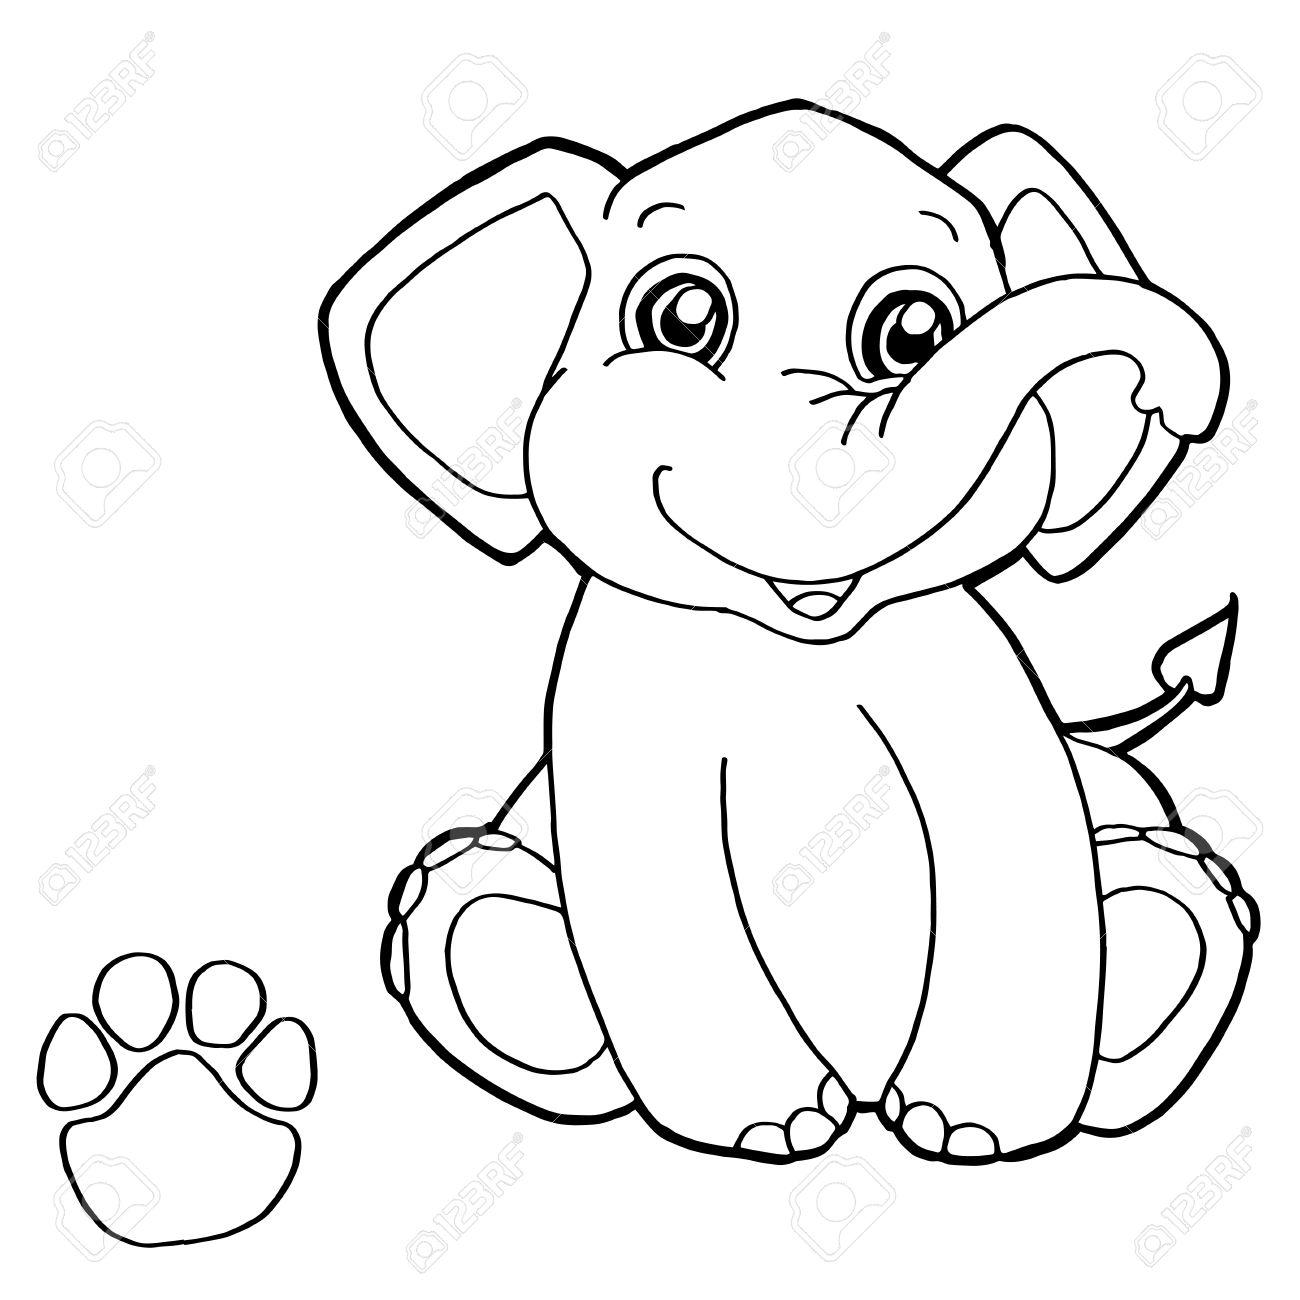 Coloriage Bebe Elephant.Empreinte De Patte Avec Elephant Coloriage Vecteur Clip Art Libres